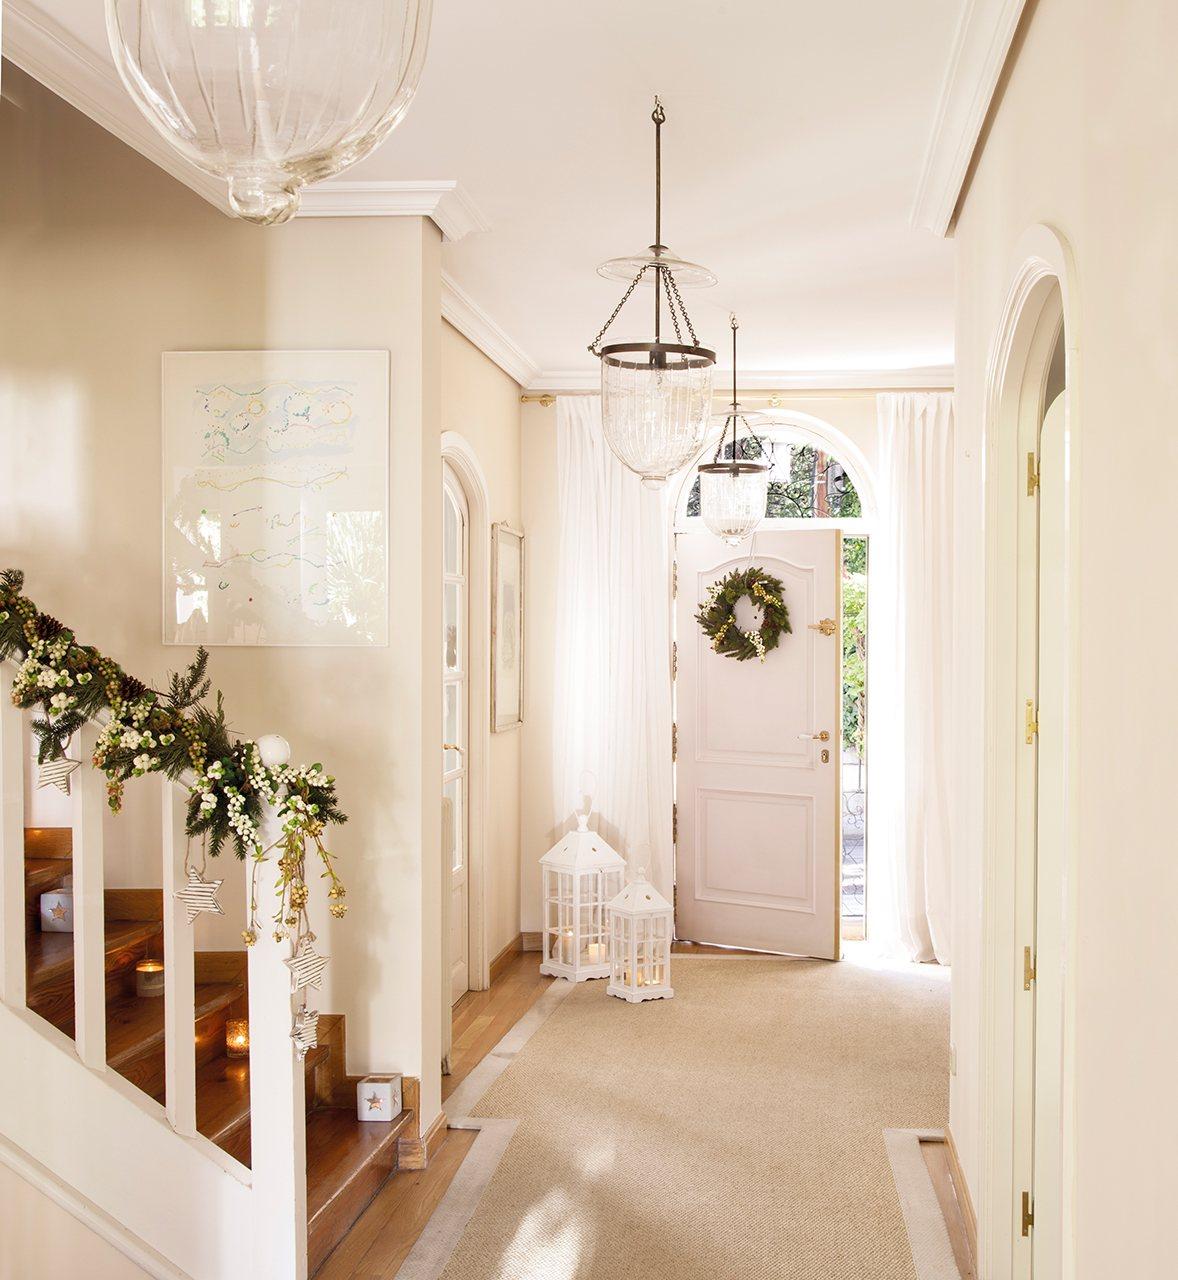 Celebraciones en casa todo para triunfar for Todo para decorar tu casa